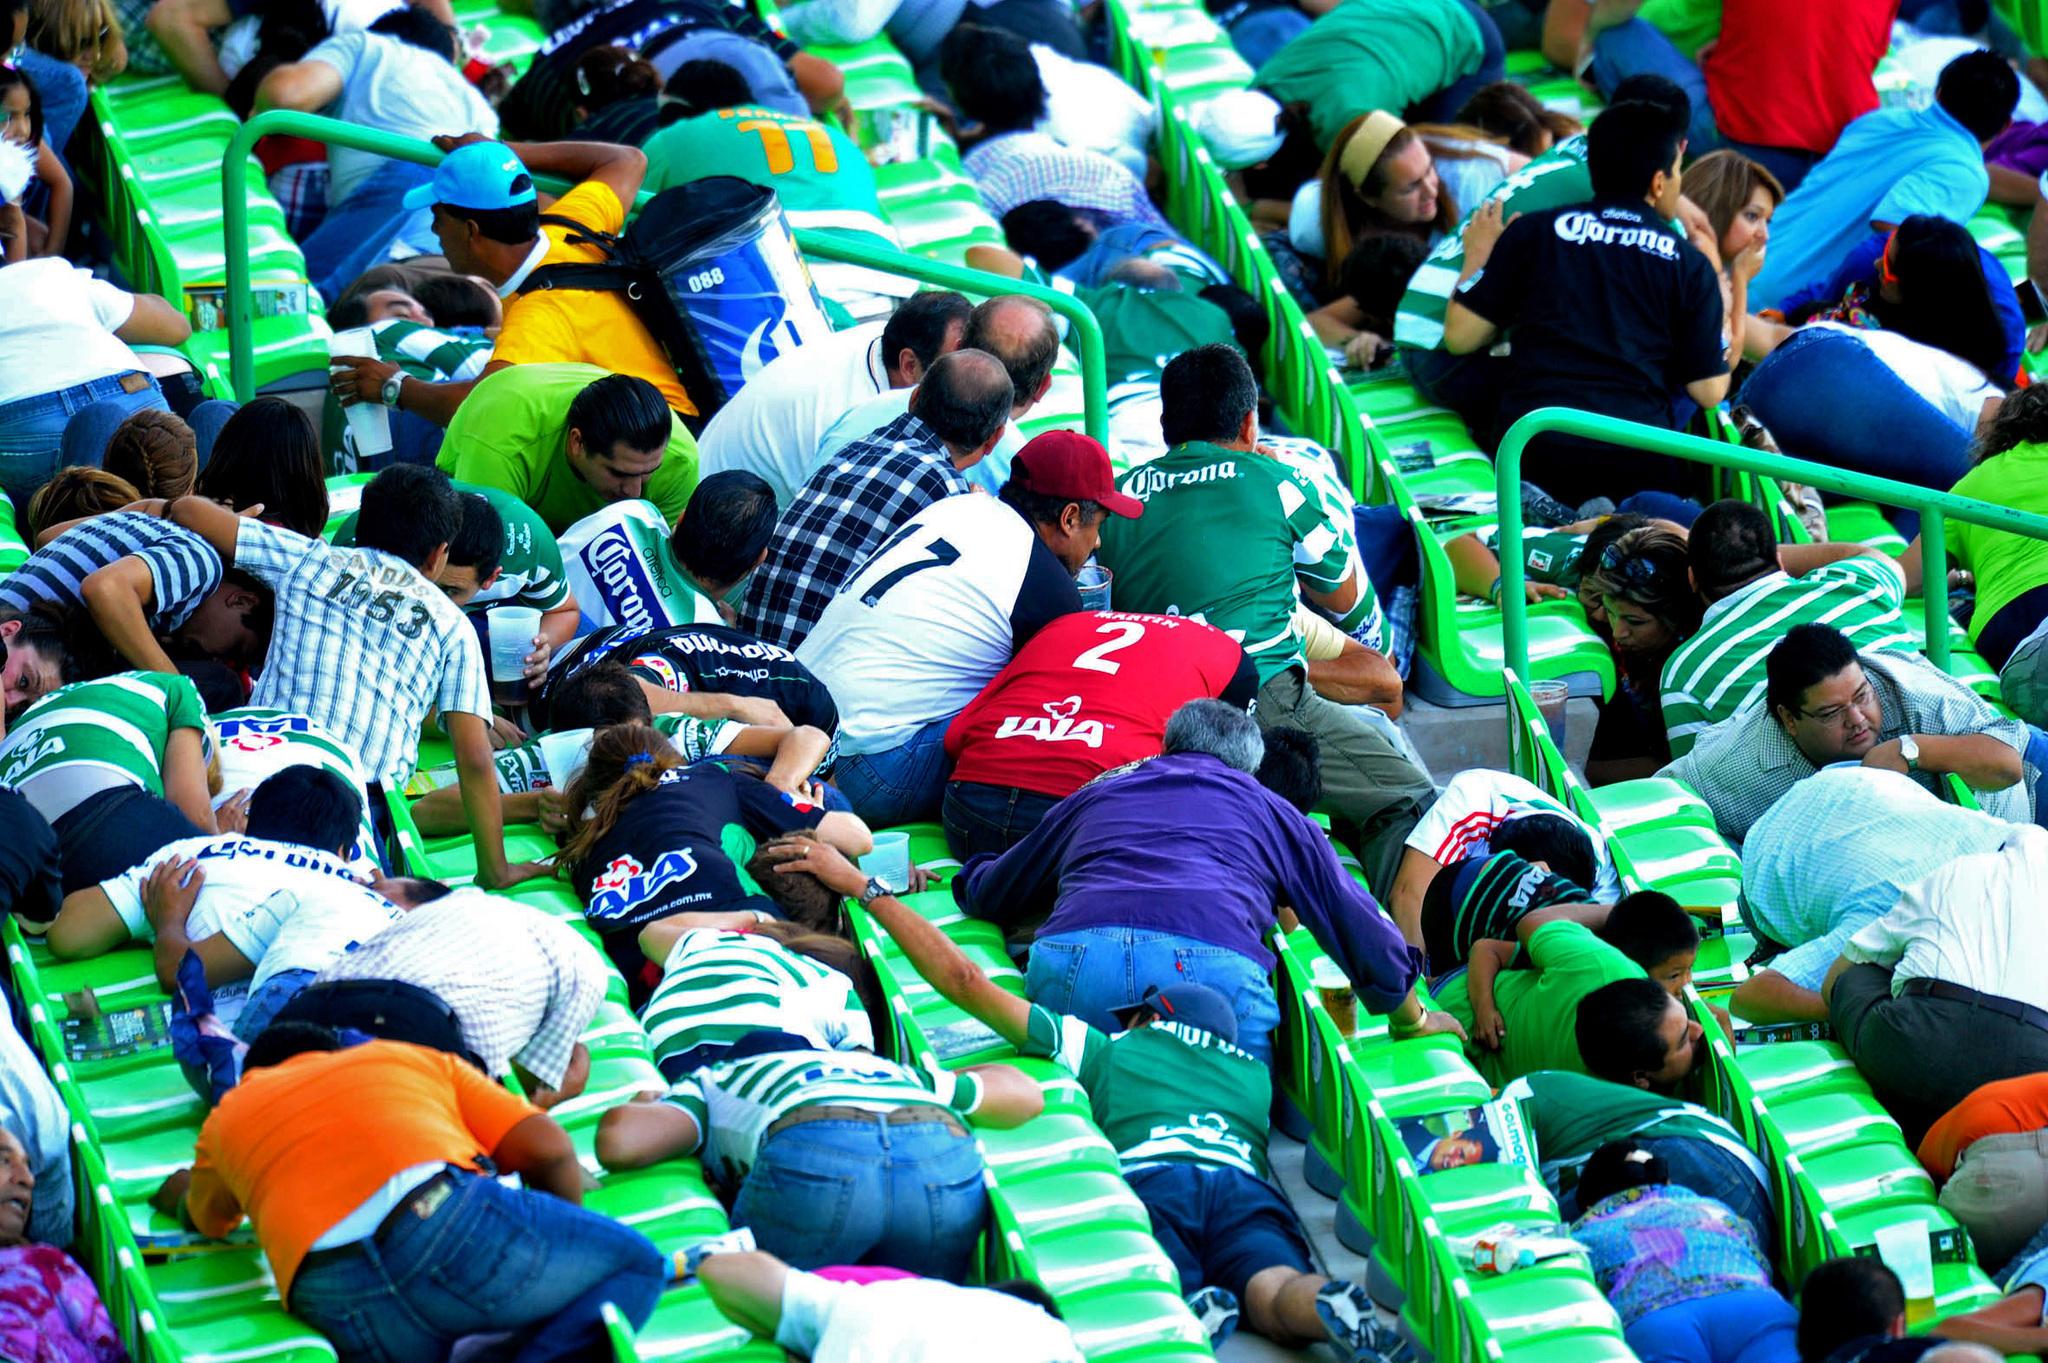 Cancelan partido de Dorados vs Atlante tras balaceras en Culiacán